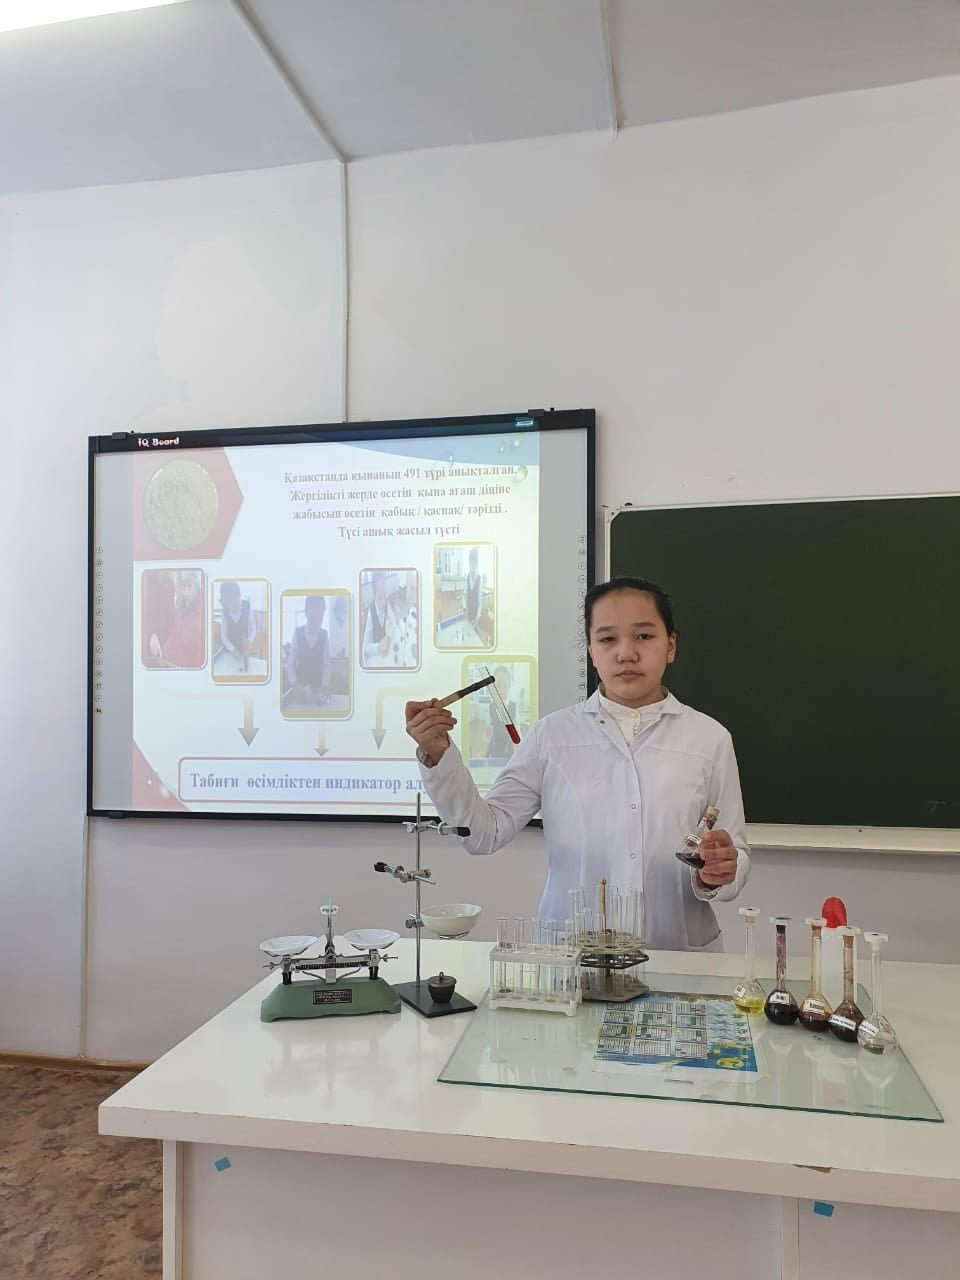 Школьница из Атырау представила способ получения красителей из растений, фото-2, Региональная служба коммуникаций Атырауской области